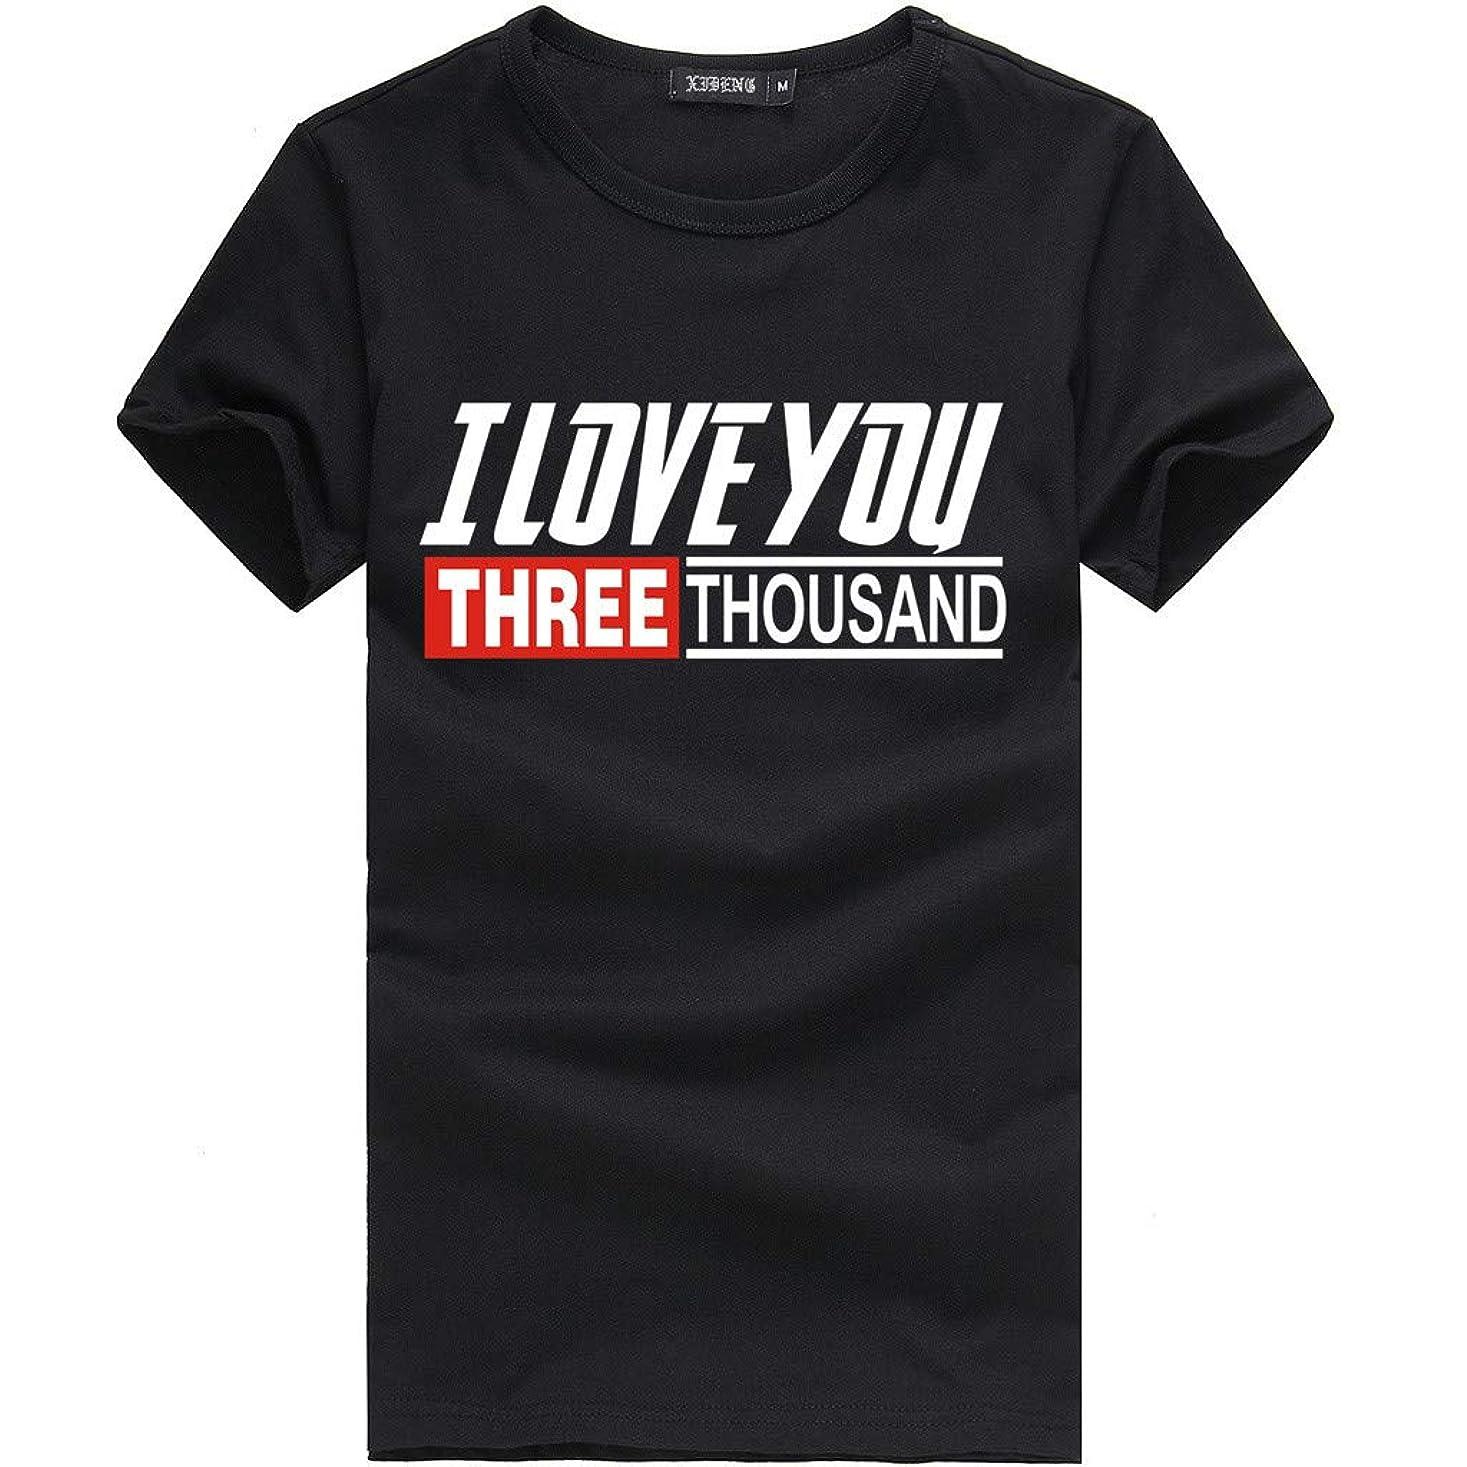 レール制約お金ゴムTシャツ メンズ Iron Man I LOVE YOU 3000 TIMES 映画 Tシャツ メンズ アヴェンジャーズ 丸首 半袖 トップス ファッション Tシャツ 男女兼用 快適 柔らかい 活動性が良い 夏服 カジュアル ゆるい ブラウス